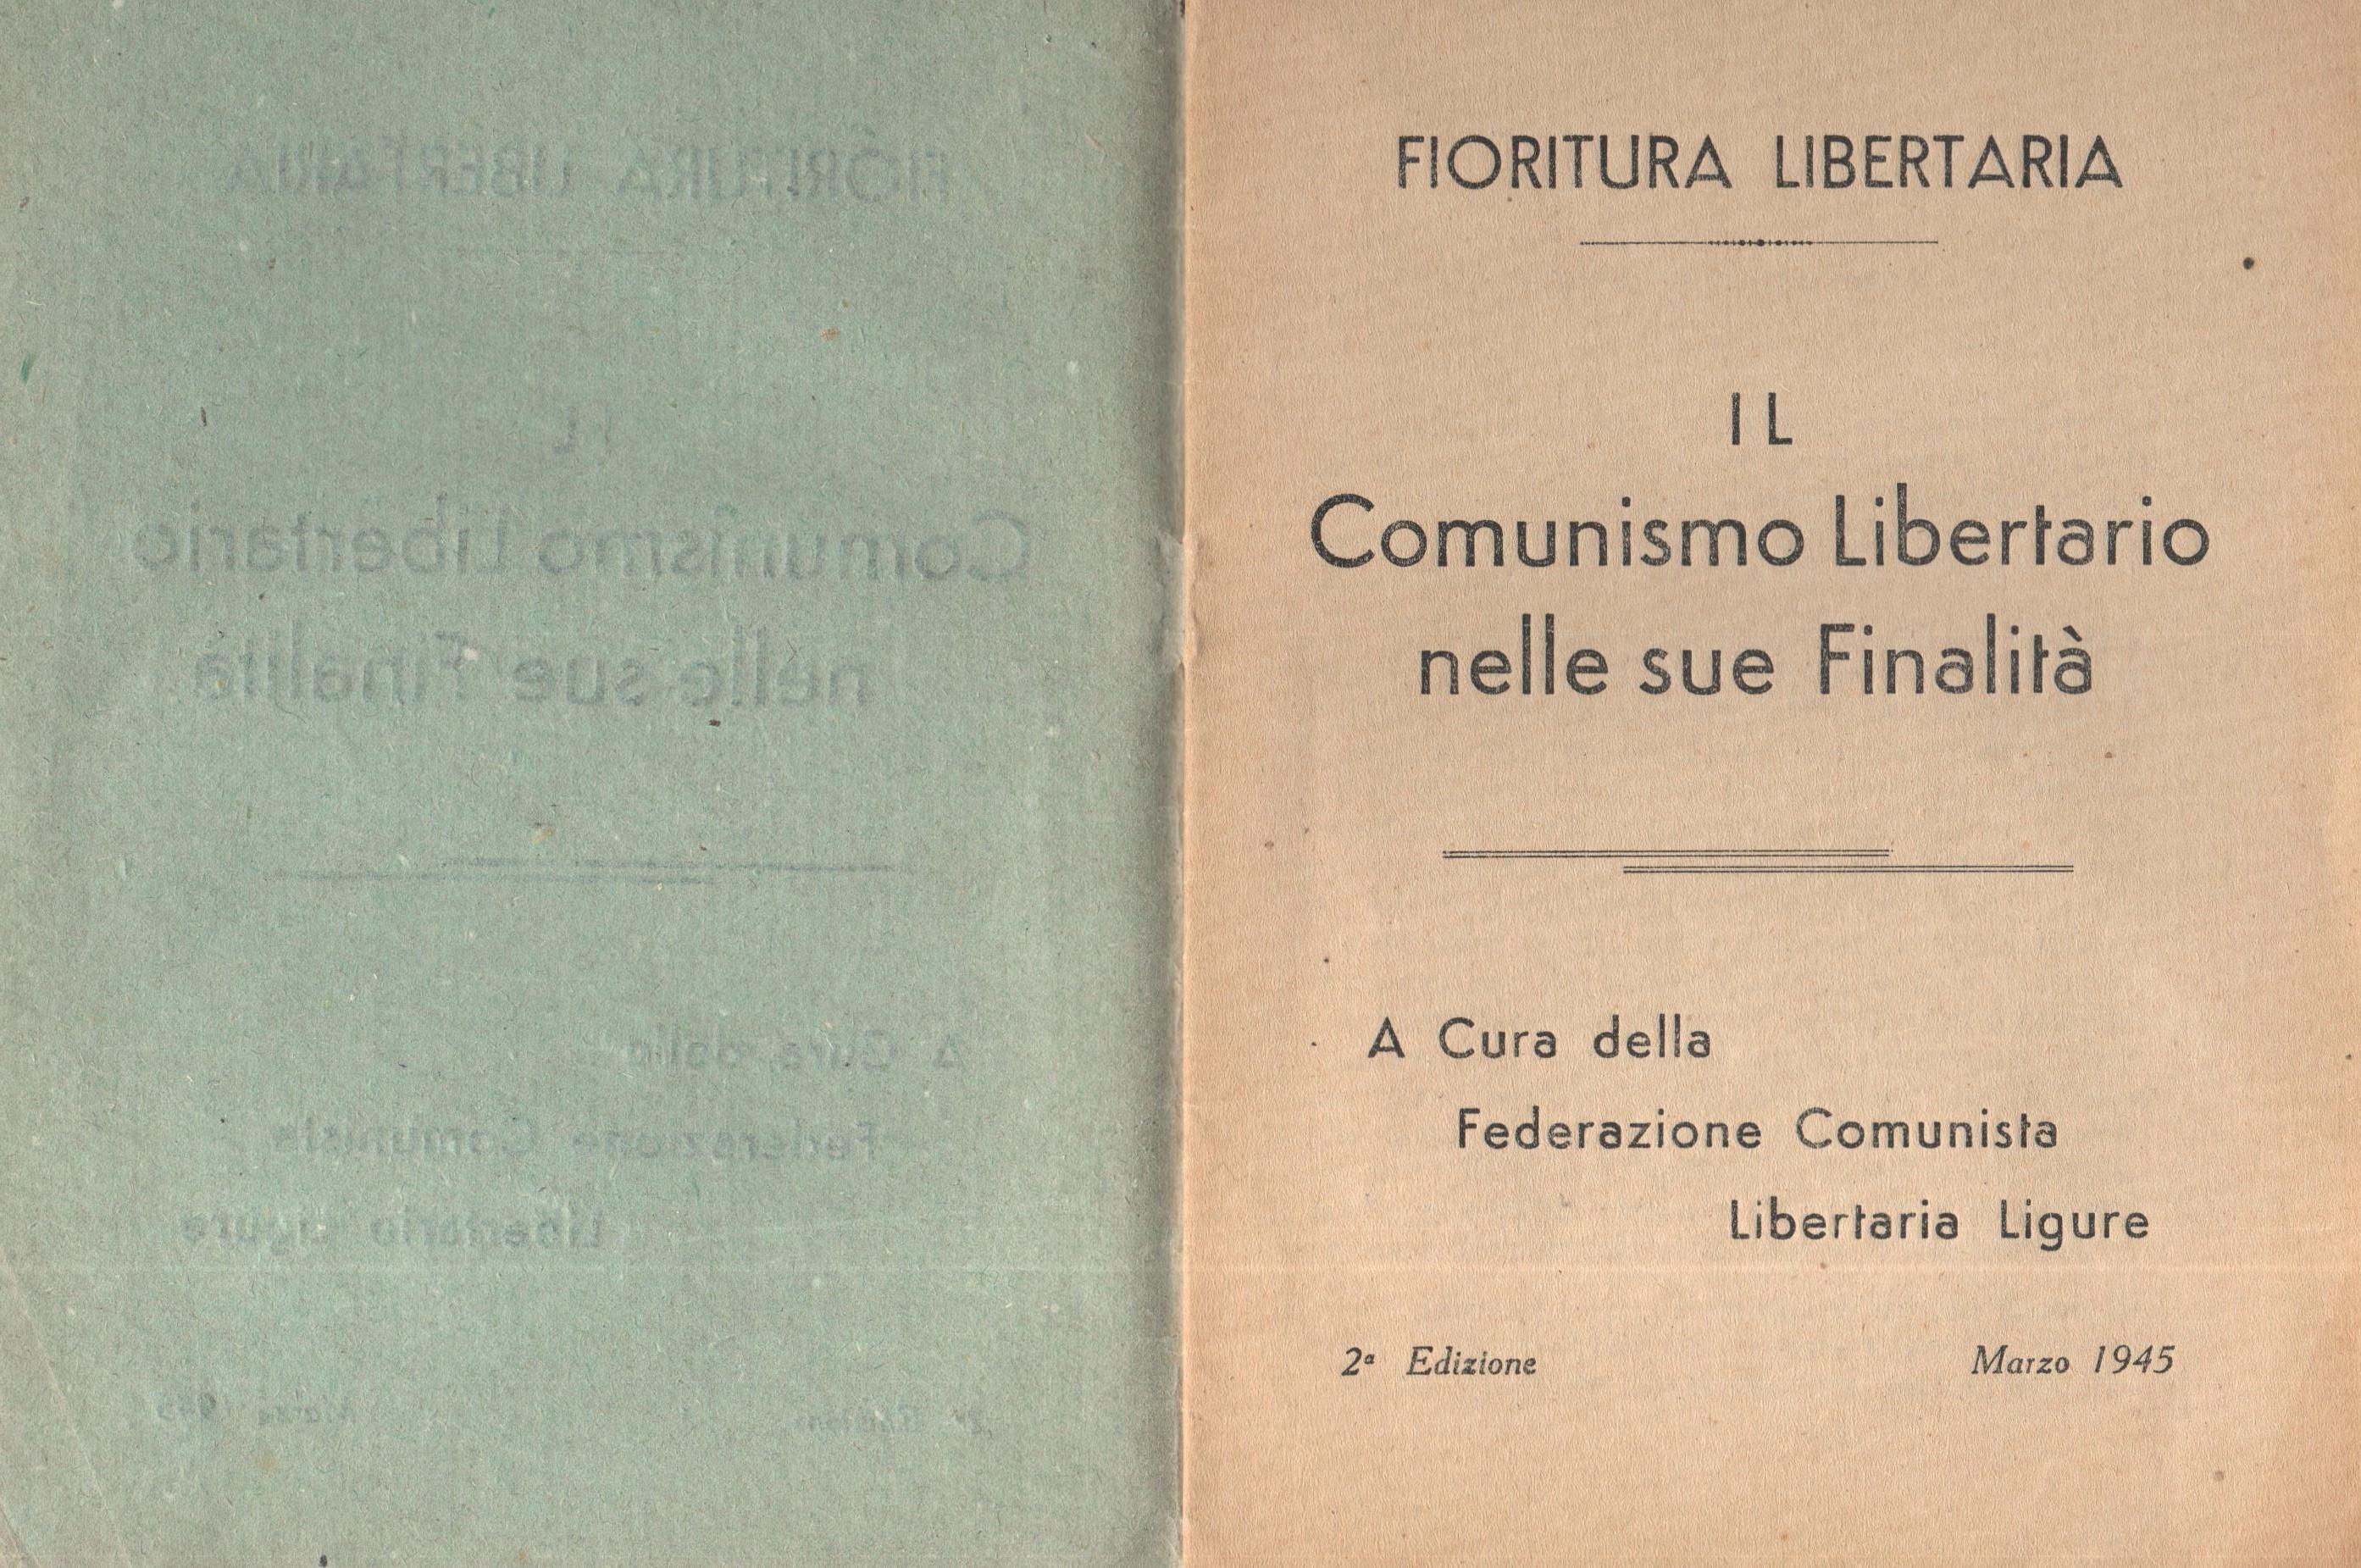 Federazione Comunista - pag. 2